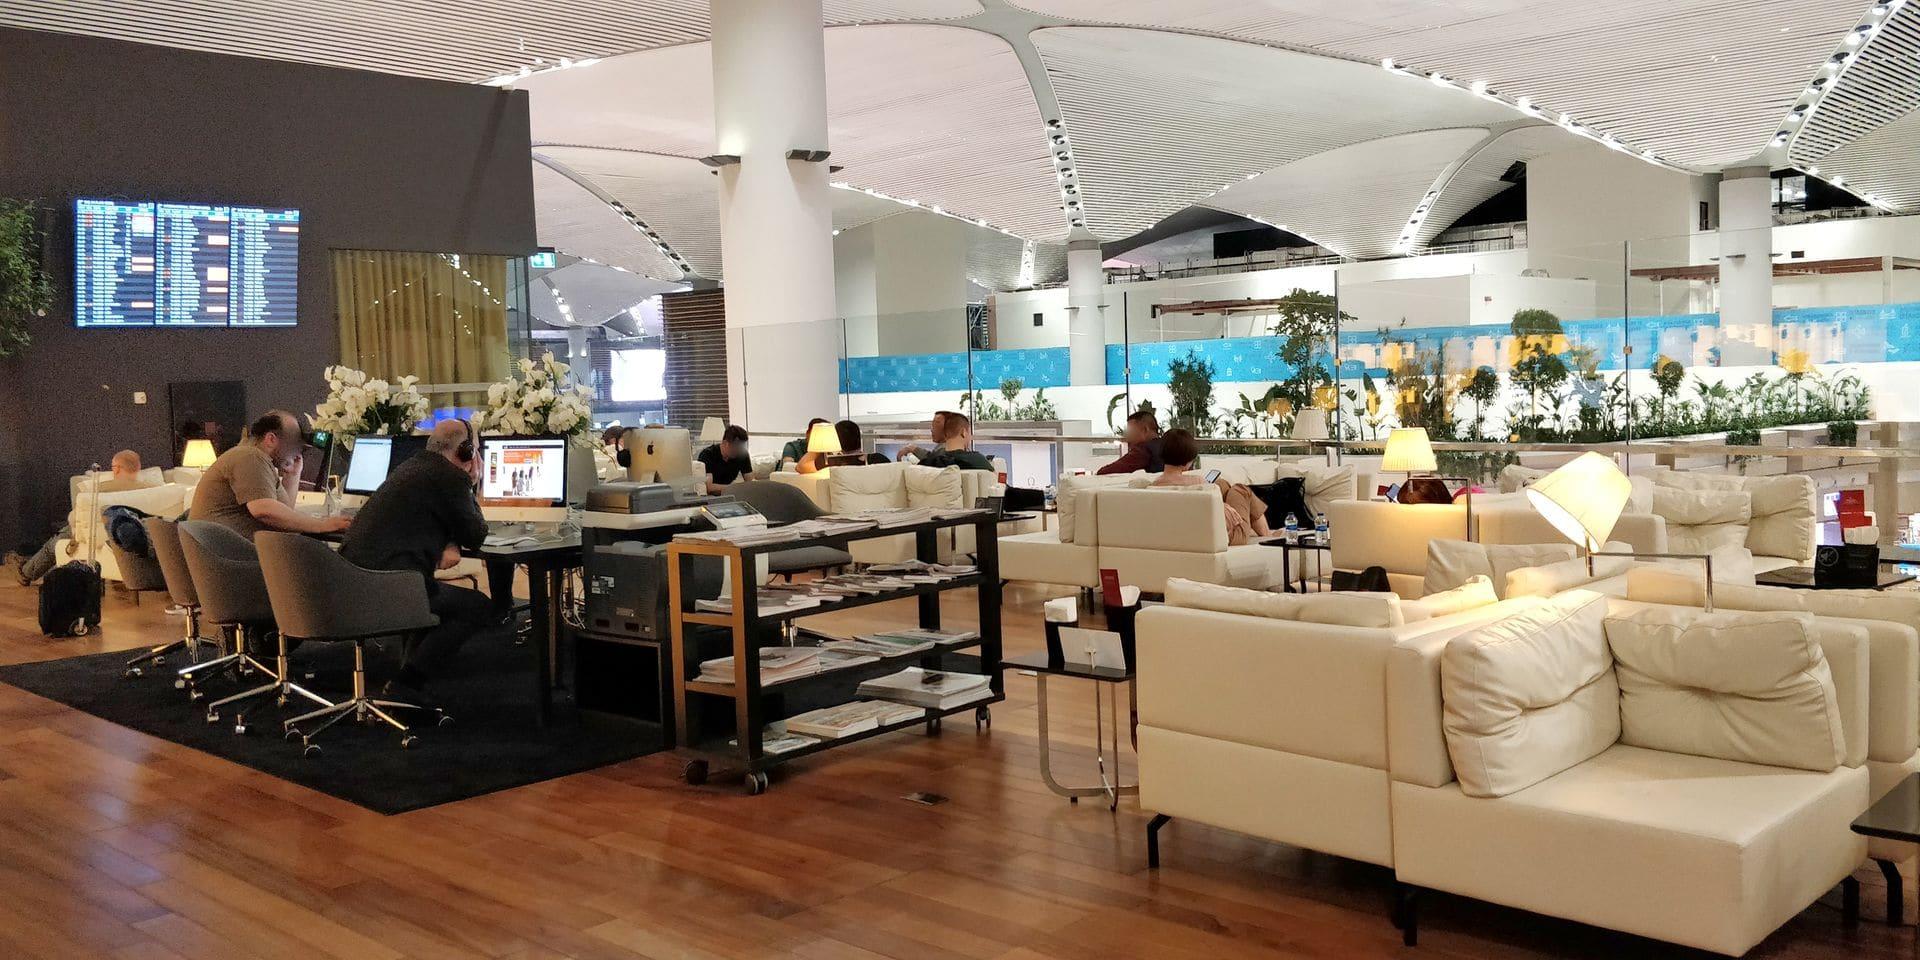 Full Size of Türkische Sofa Review Neue Turkish Airlines Lounge Istanbul Im Test Ikea Mit Schlaffunktion Relaxfunktion Rattan Langes Polster Reinigen 3er Hannover Großes Sofa Türkische Sofa